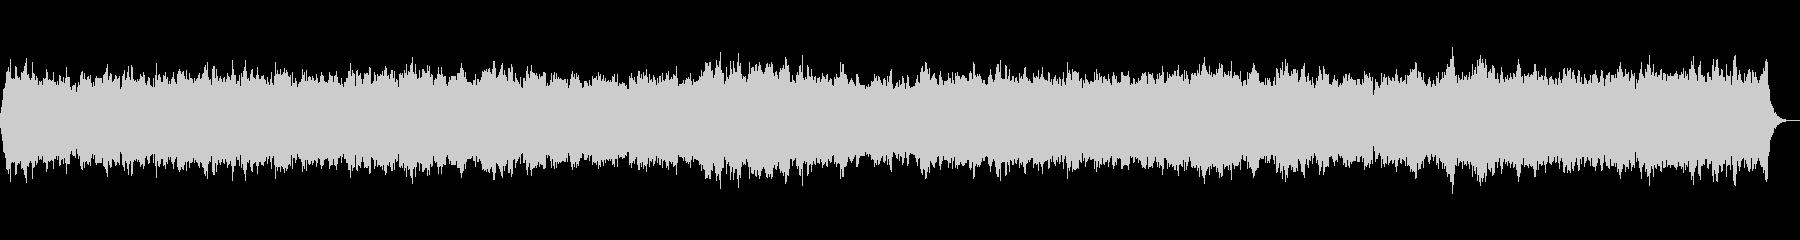 リードオルガンのノスタルジックな讃美歌の未再生の波形